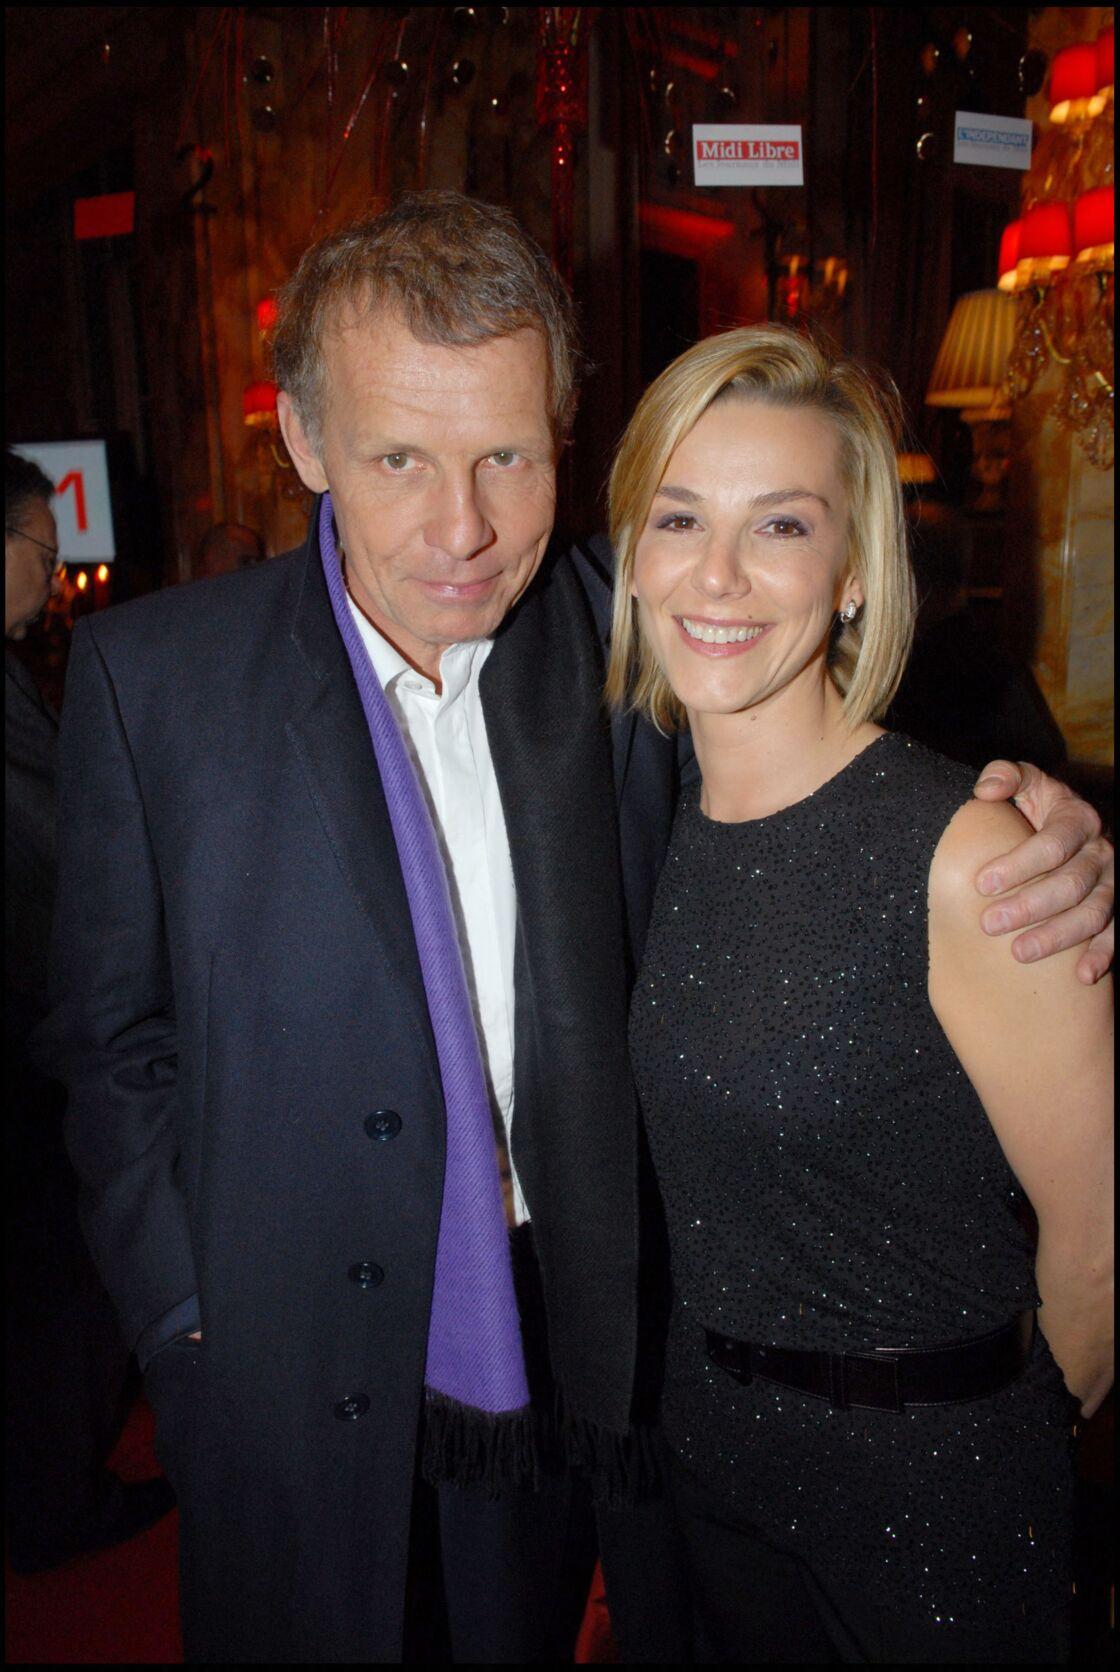 Patrick Poivre d'Arvor et Laurence Ferrari le 13 février 2007, un peu plus d'un an avant qu'elle lui succède aux commandes du JT de TF1